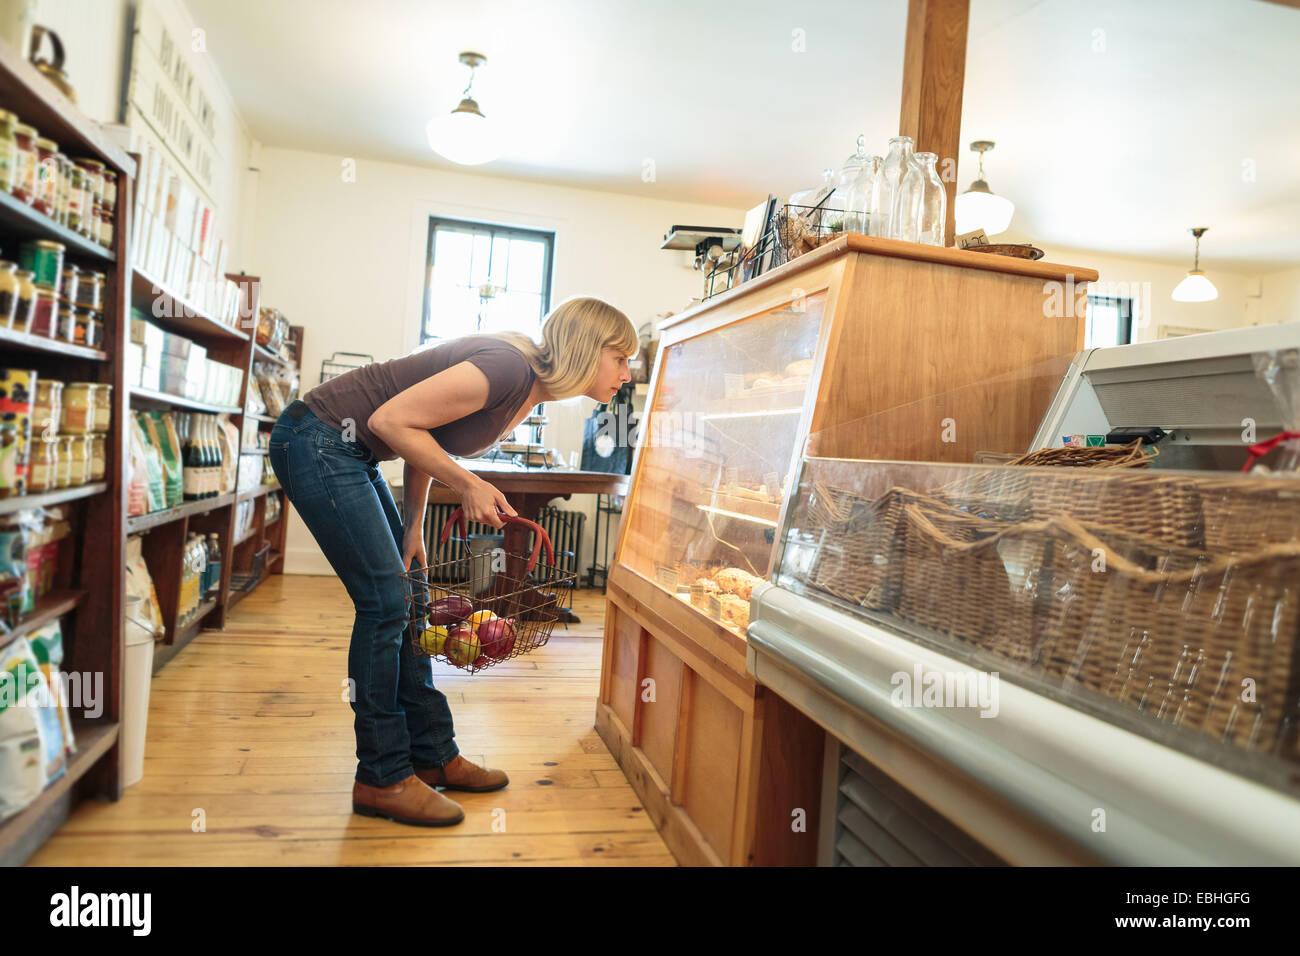 Clienta inclinado a mirar vitrina en Country Store Imagen De Stock